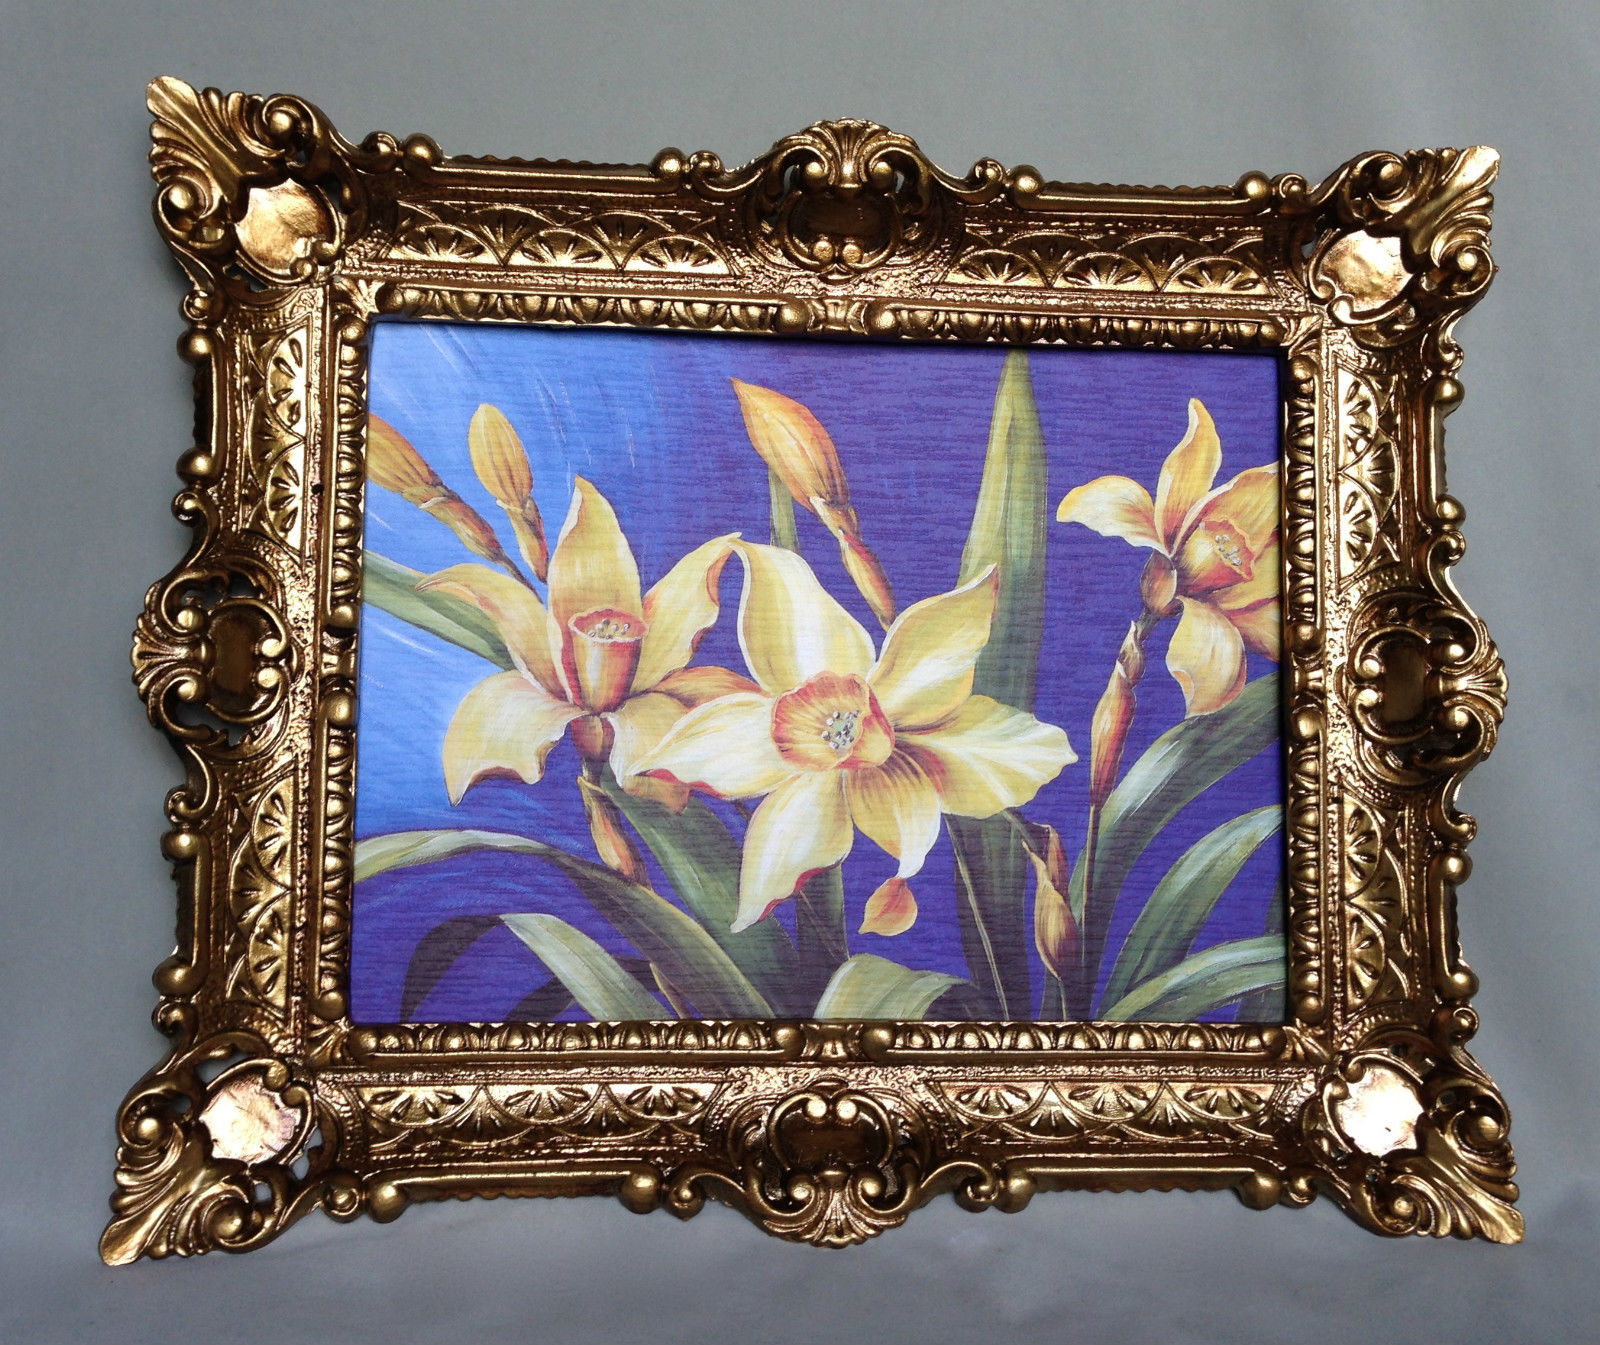 gem lde blumen lilien gelb wandbild 57x47 blumen bild mit rahmen gold 05 kaufen bei pintici. Black Bedroom Furniture Sets. Home Design Ideas